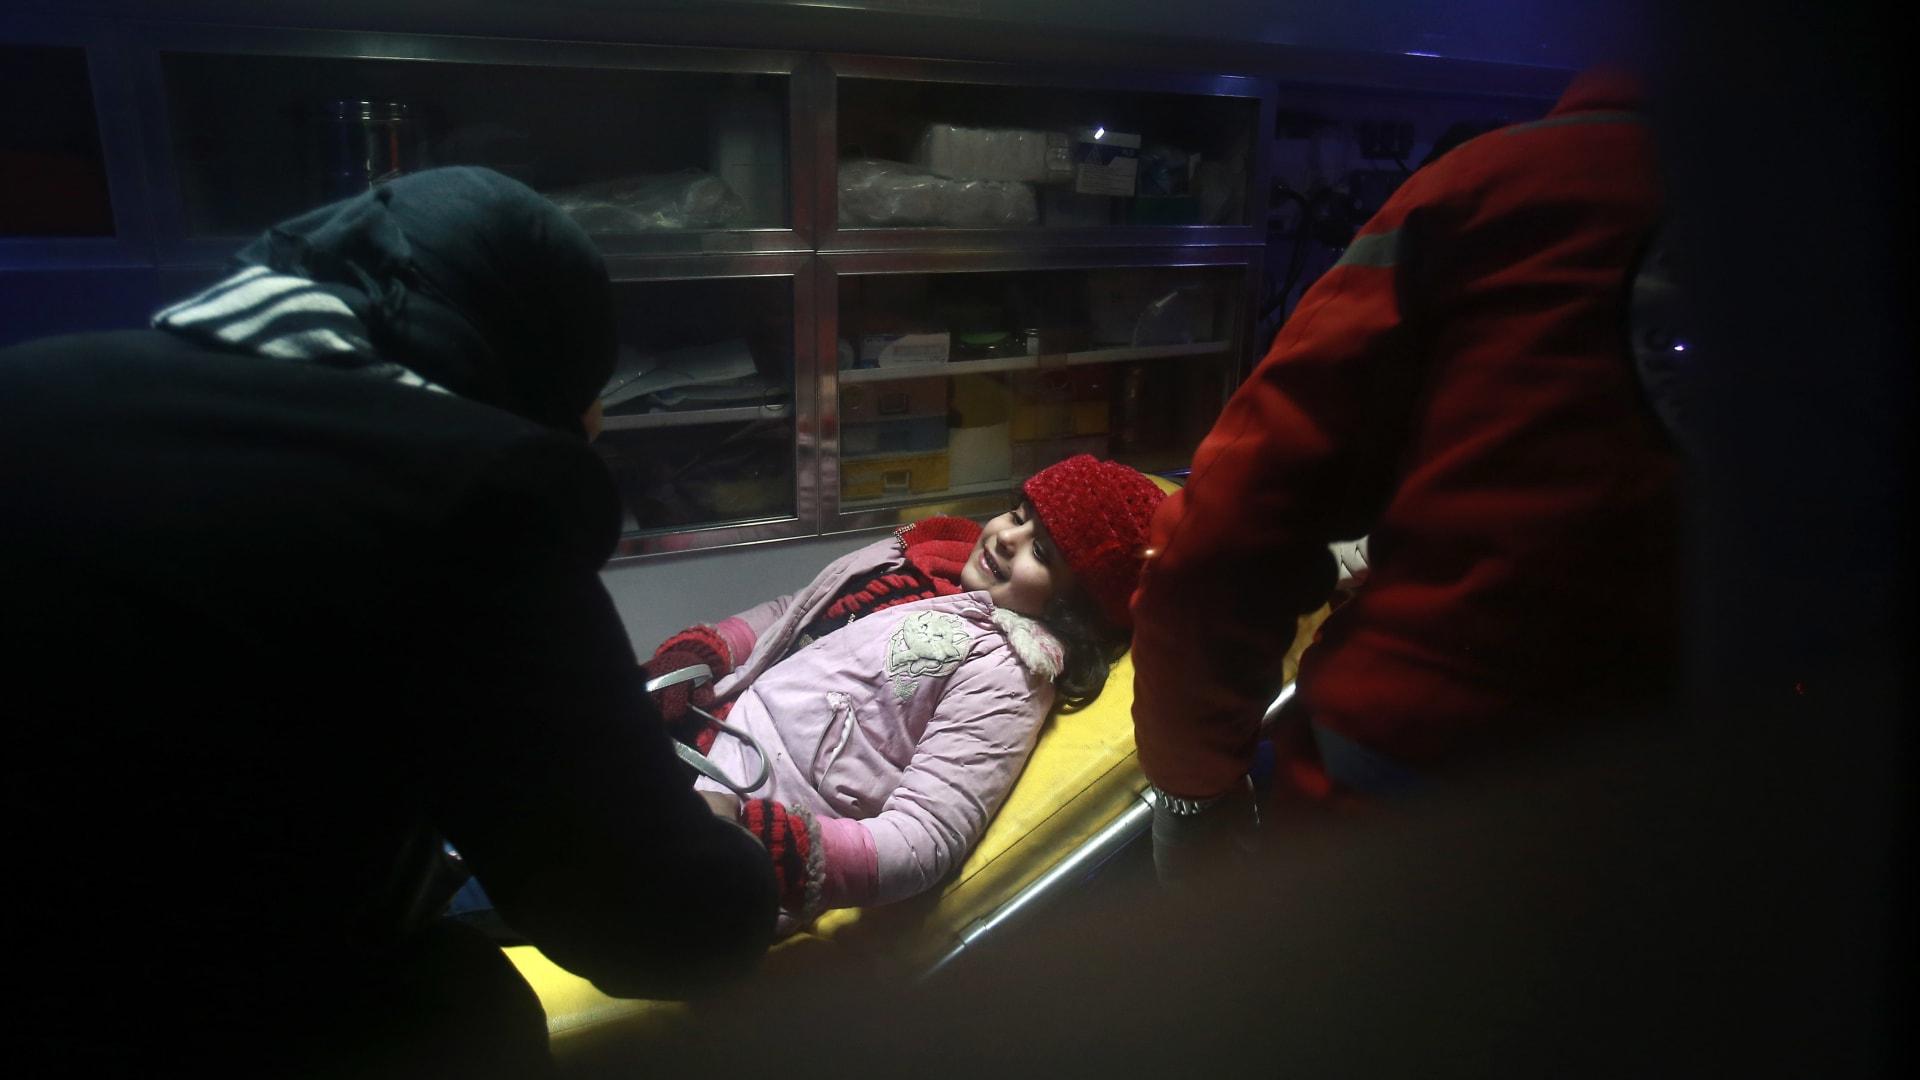 بدء عمليات الإخلاء الطبي في الغوطة الشرقية